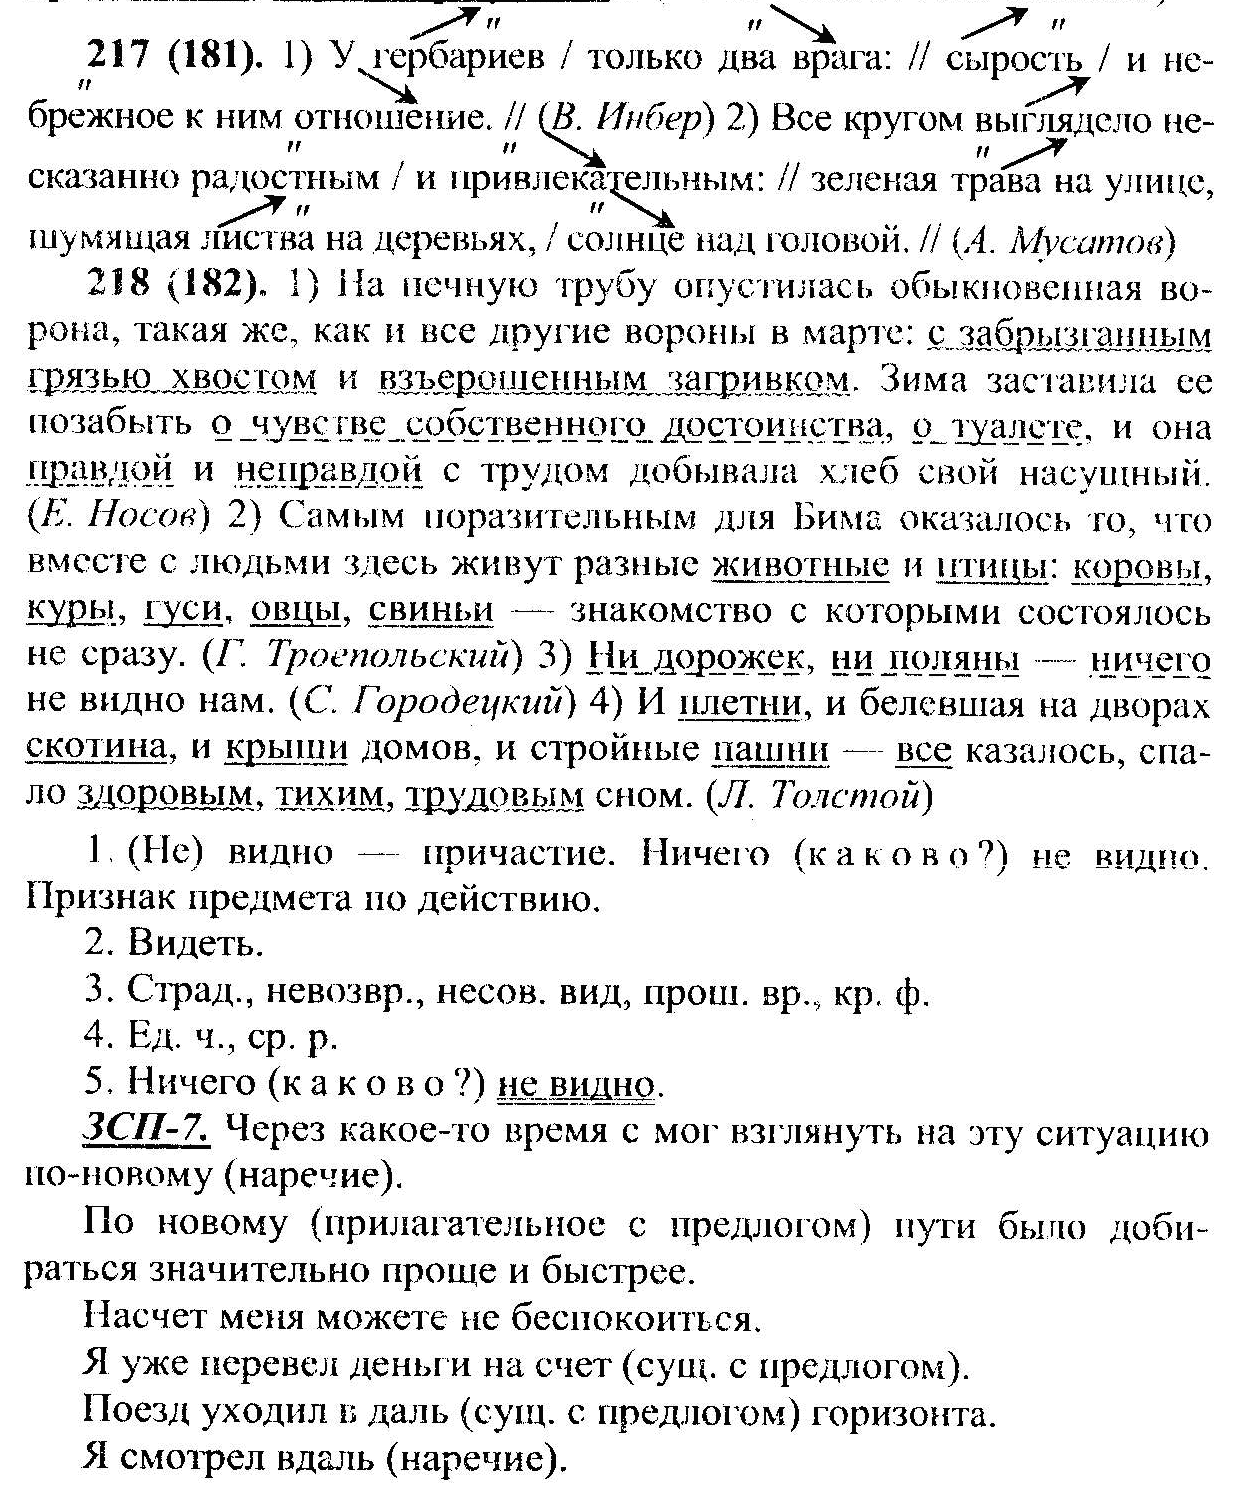 Решебник по русскому языку 8 класса разумовской и леканта